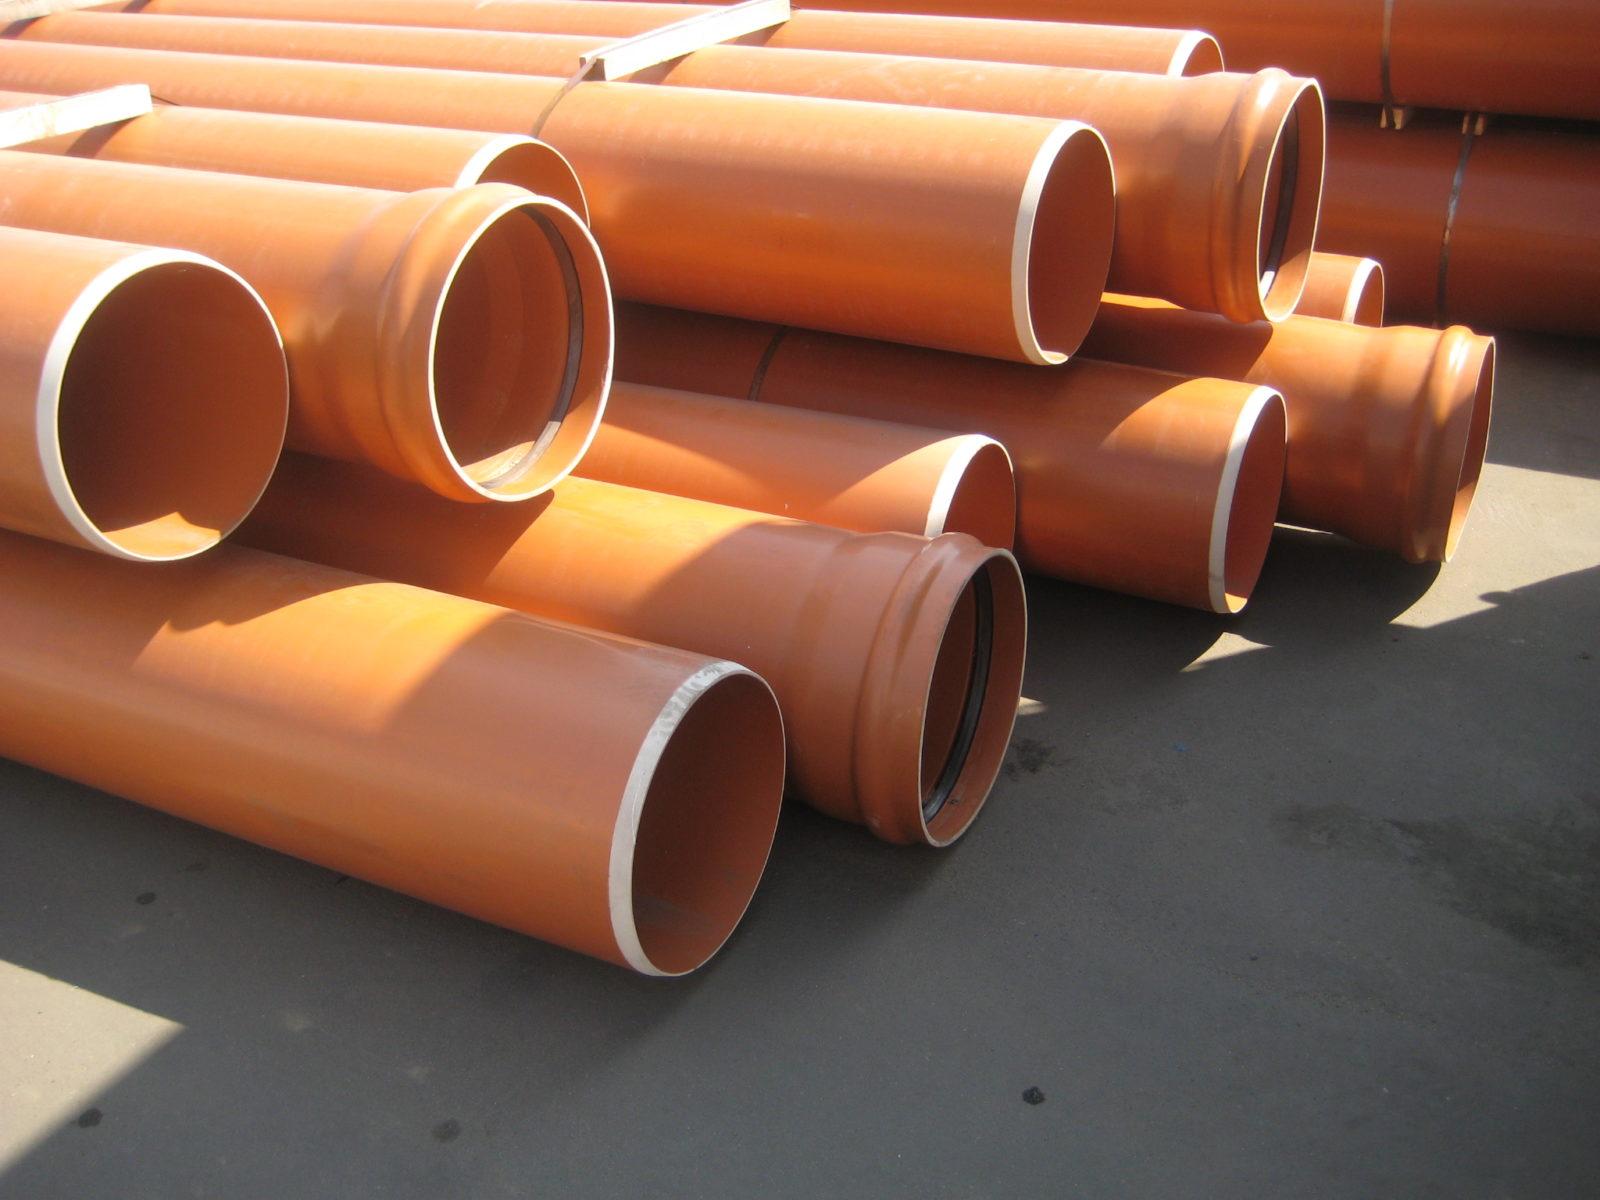 Виды труб из пластика. Плюсы и минусы полимерного трубопровода